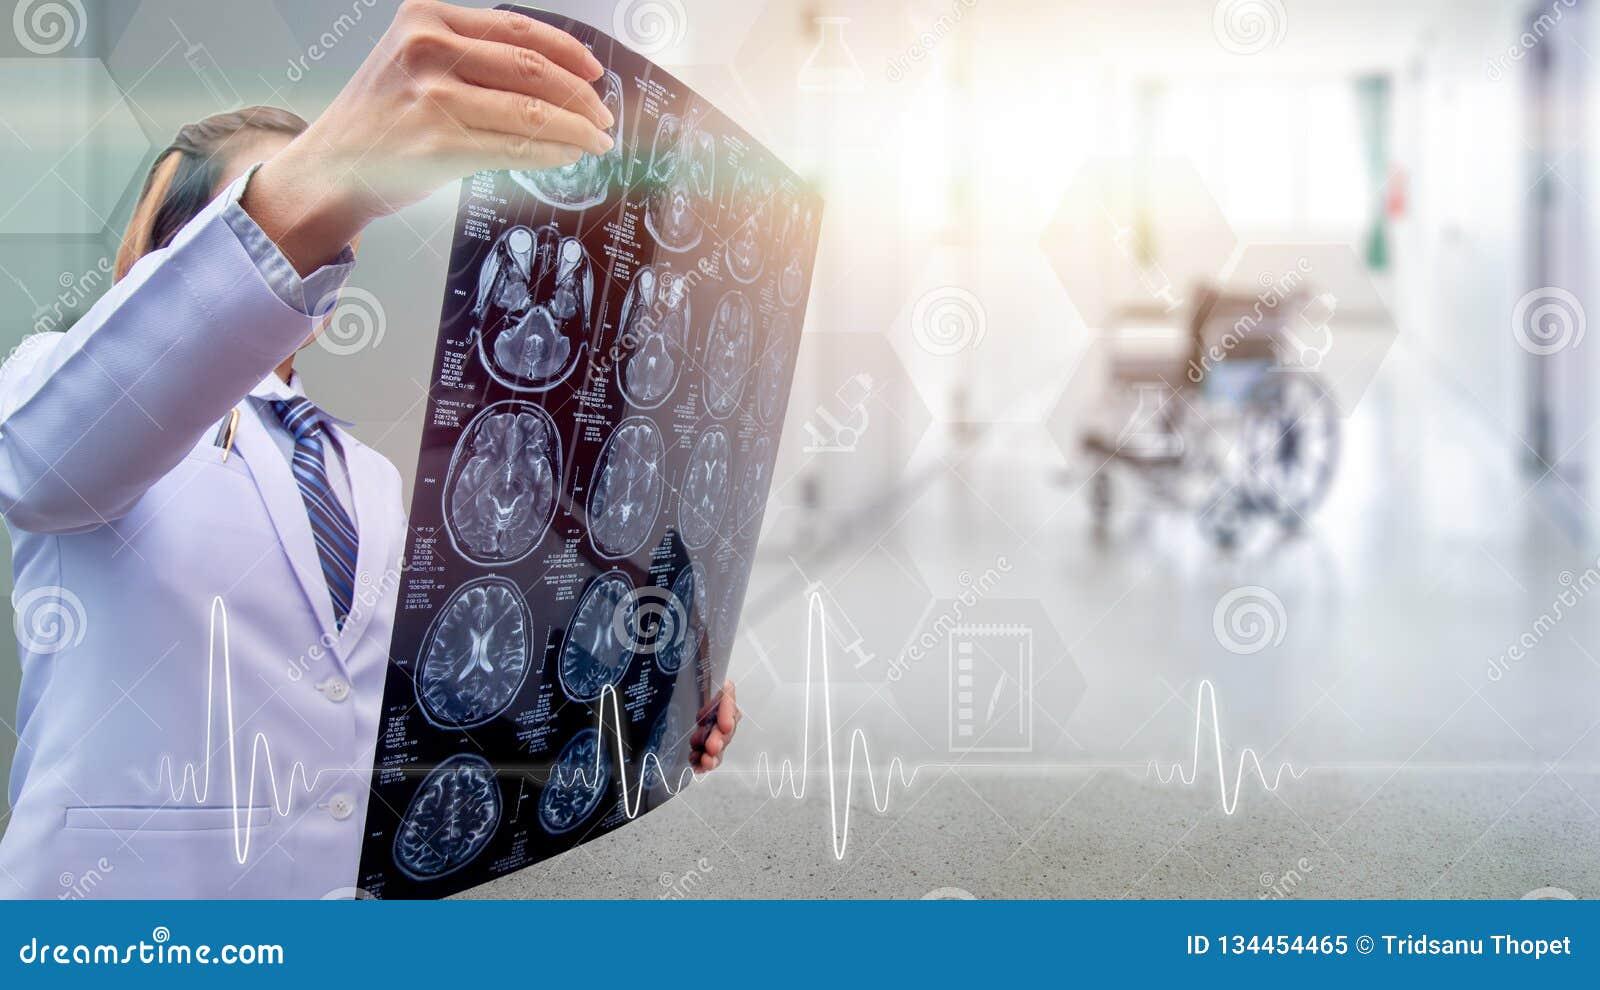 Bovenste gedeelte van menselijk lichaam, x-ray beeld van de hoogtekwaliteit van mens binnen